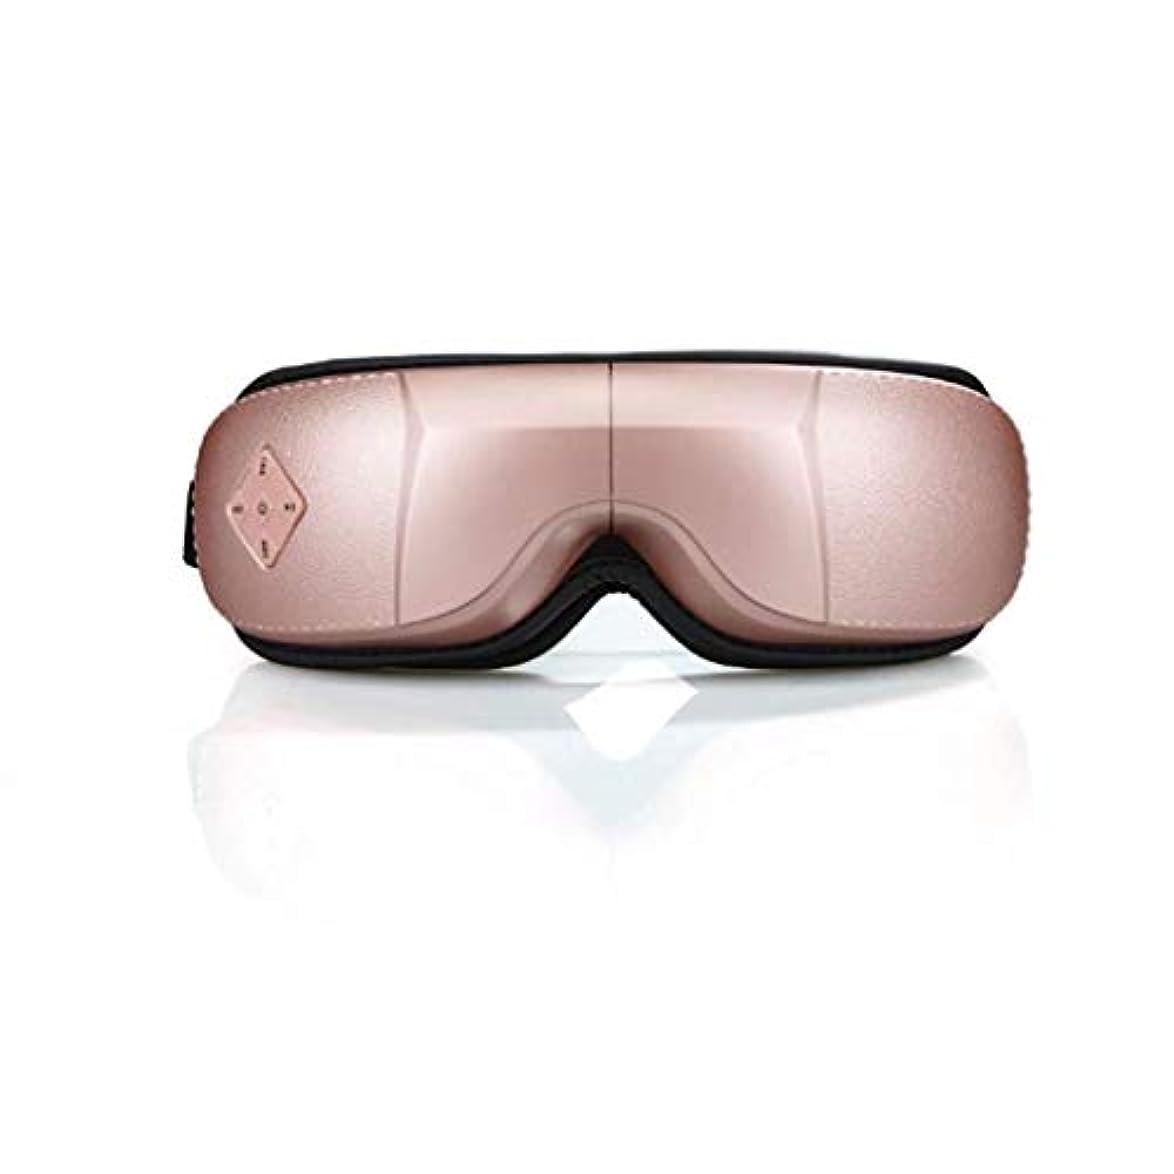 提供された参照する爆弾折り畳み式アイマッサージャー、充電式Bluetooth音楽マッサージャー、振動タッチモニターアイハイパーサーミアマッサージヘルスケアツール、アイバッグ、ダークサークル、頭痛緩和、睡眠改善